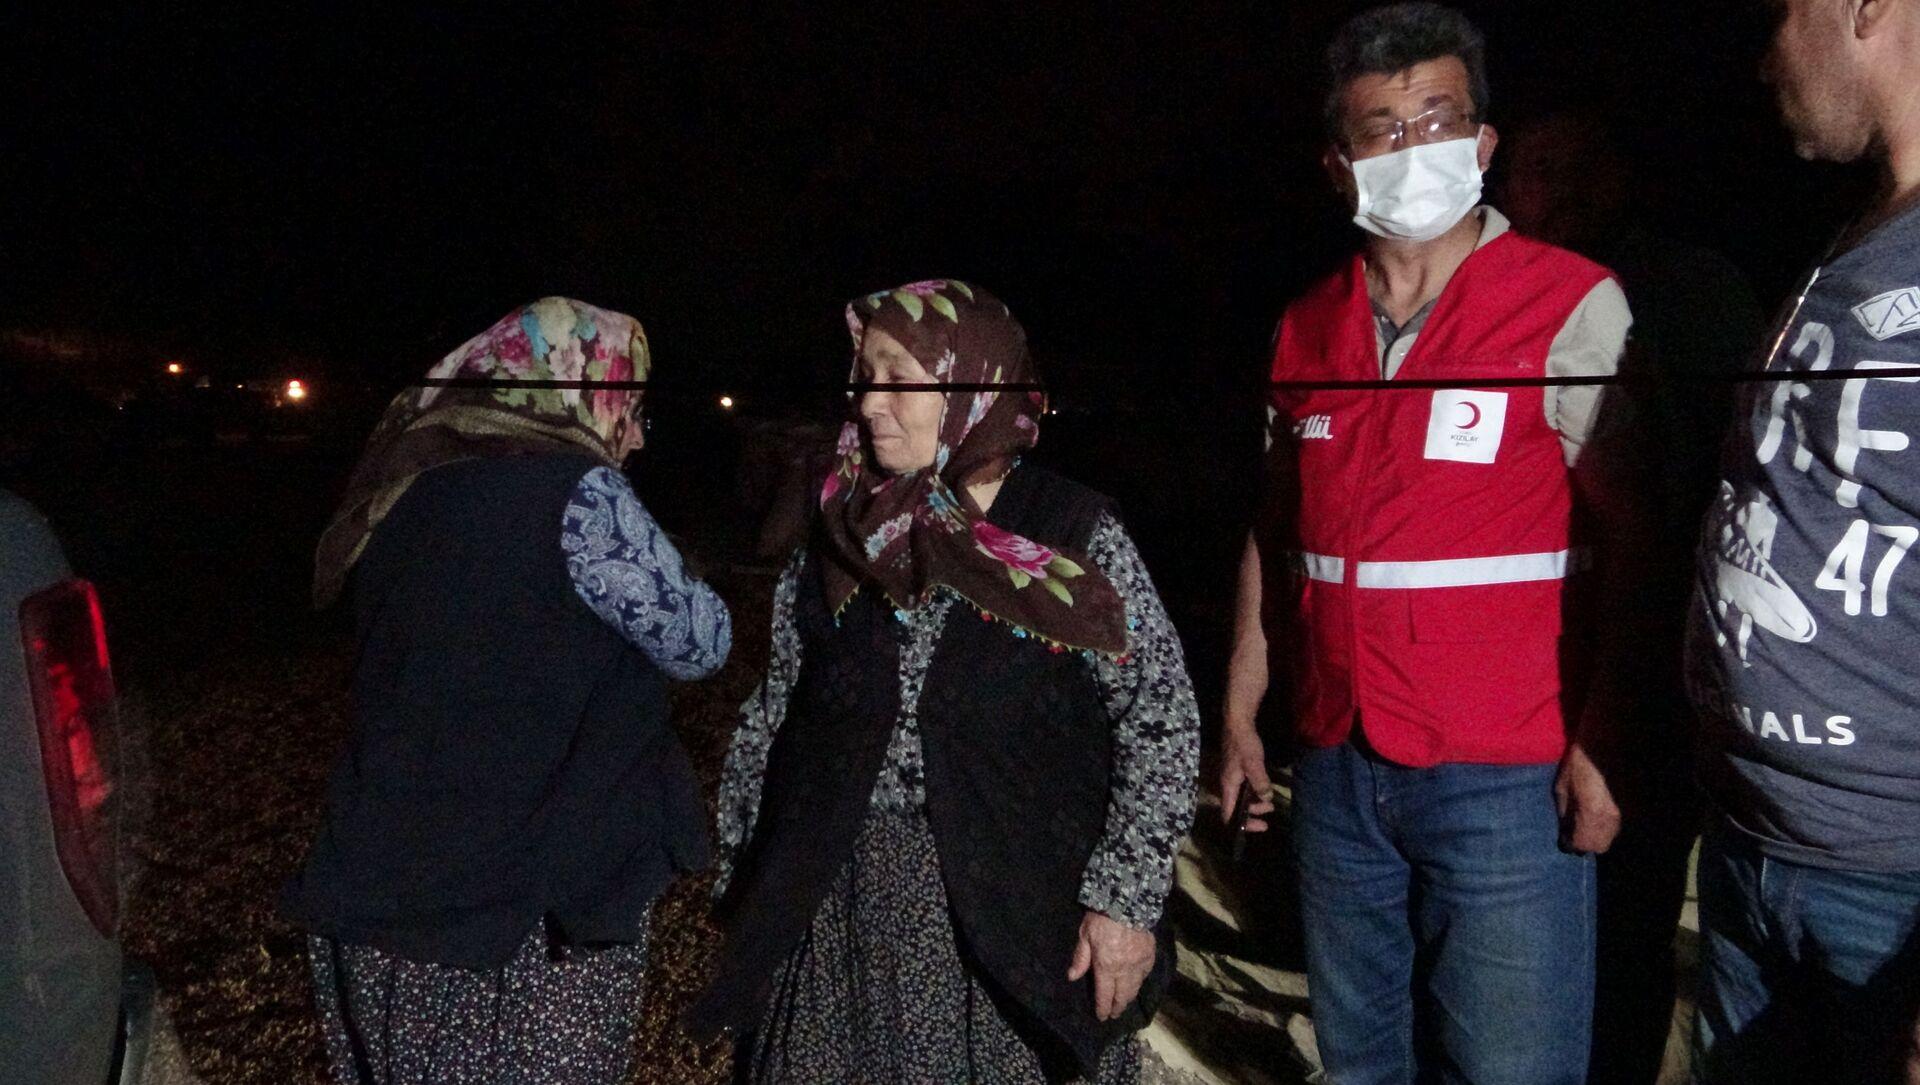 Adana'nın Kozan ilçesinde çıkan orman yangını rüzgarın etkisiyle büyüyerek devam ediyor. Yangından kurtarılan vatandaşlar; Kozan belediyesi, AFAD, UMKE, Kızılay ekipleri tarafından Kozan'da yakınlarının yanına, kalacak yeri olmayanlar ise öğrenci yurduna yerleştiriliyor. - Sputnik Türkiye, 1920, 29.07.2021